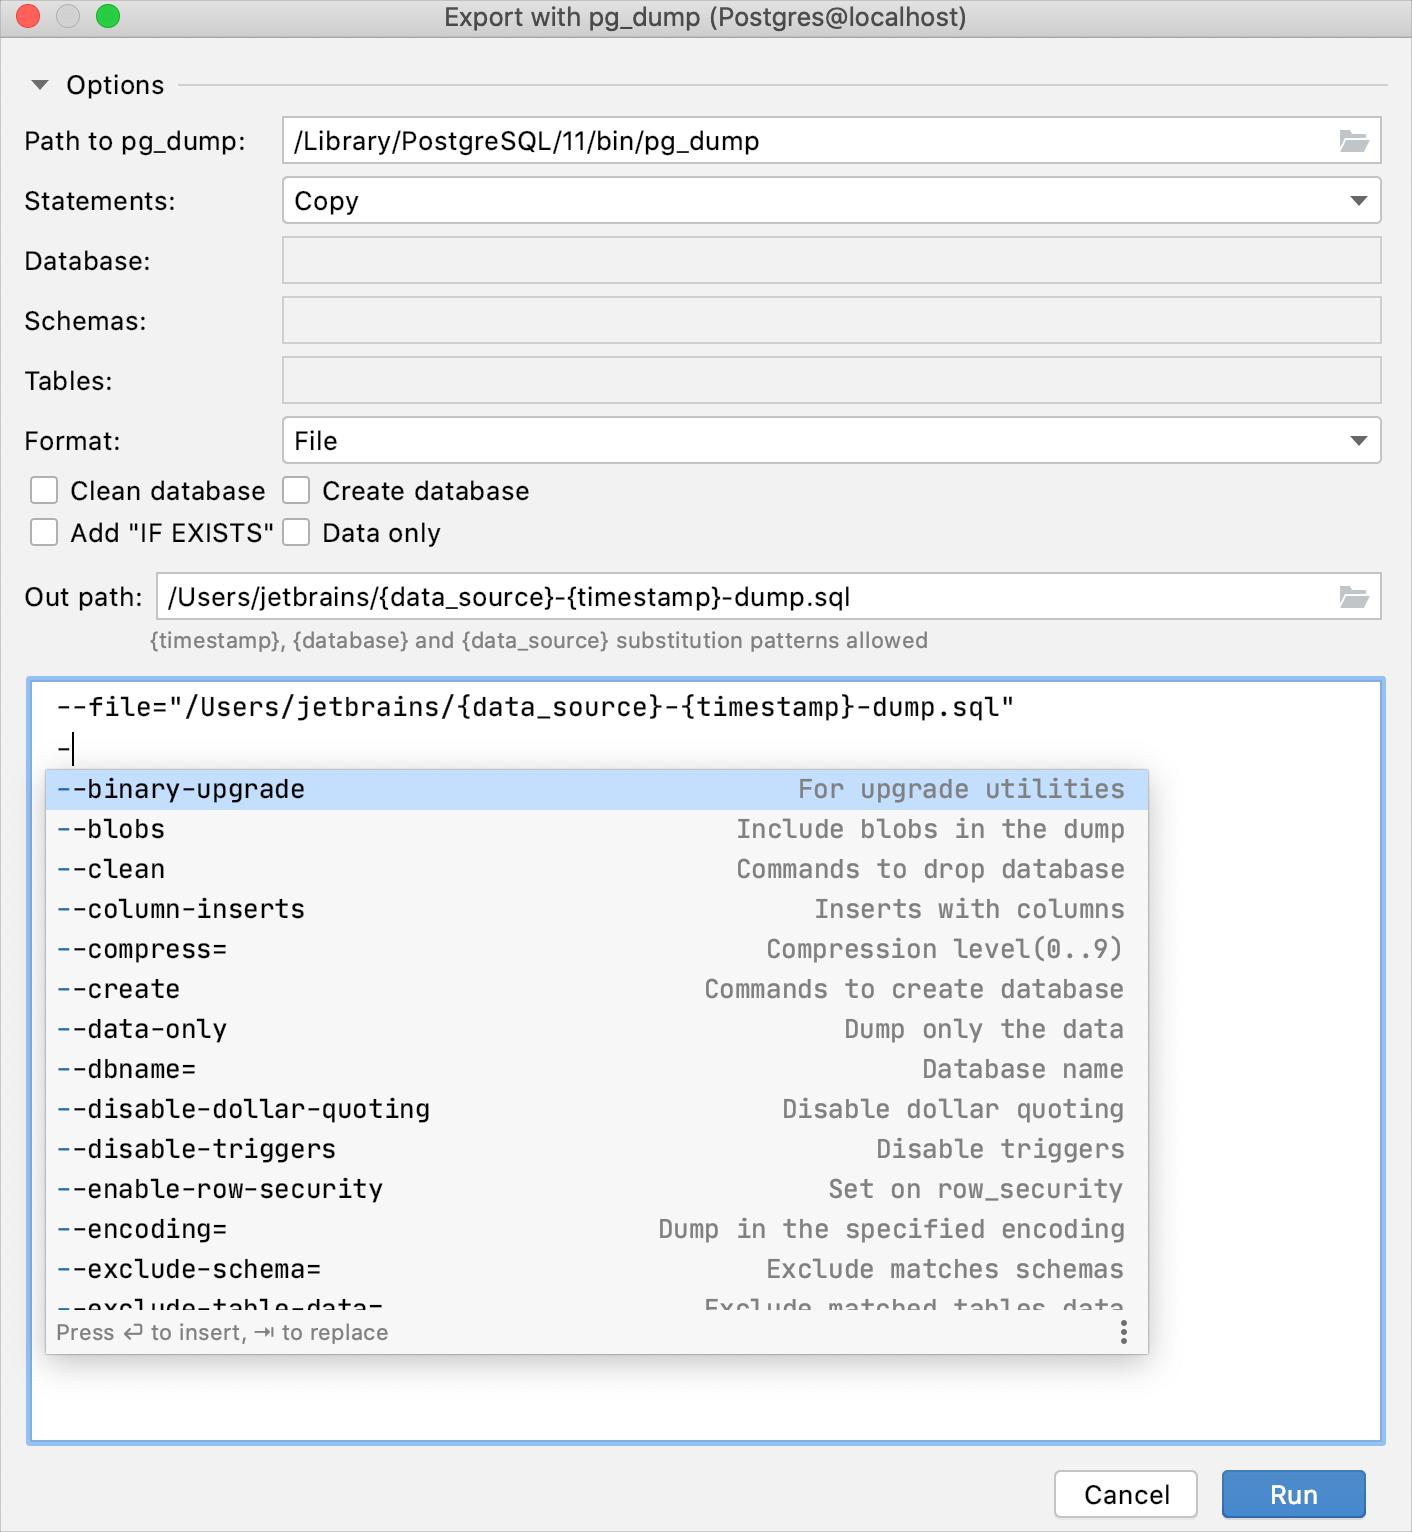 Create a full data dump with pg_dump